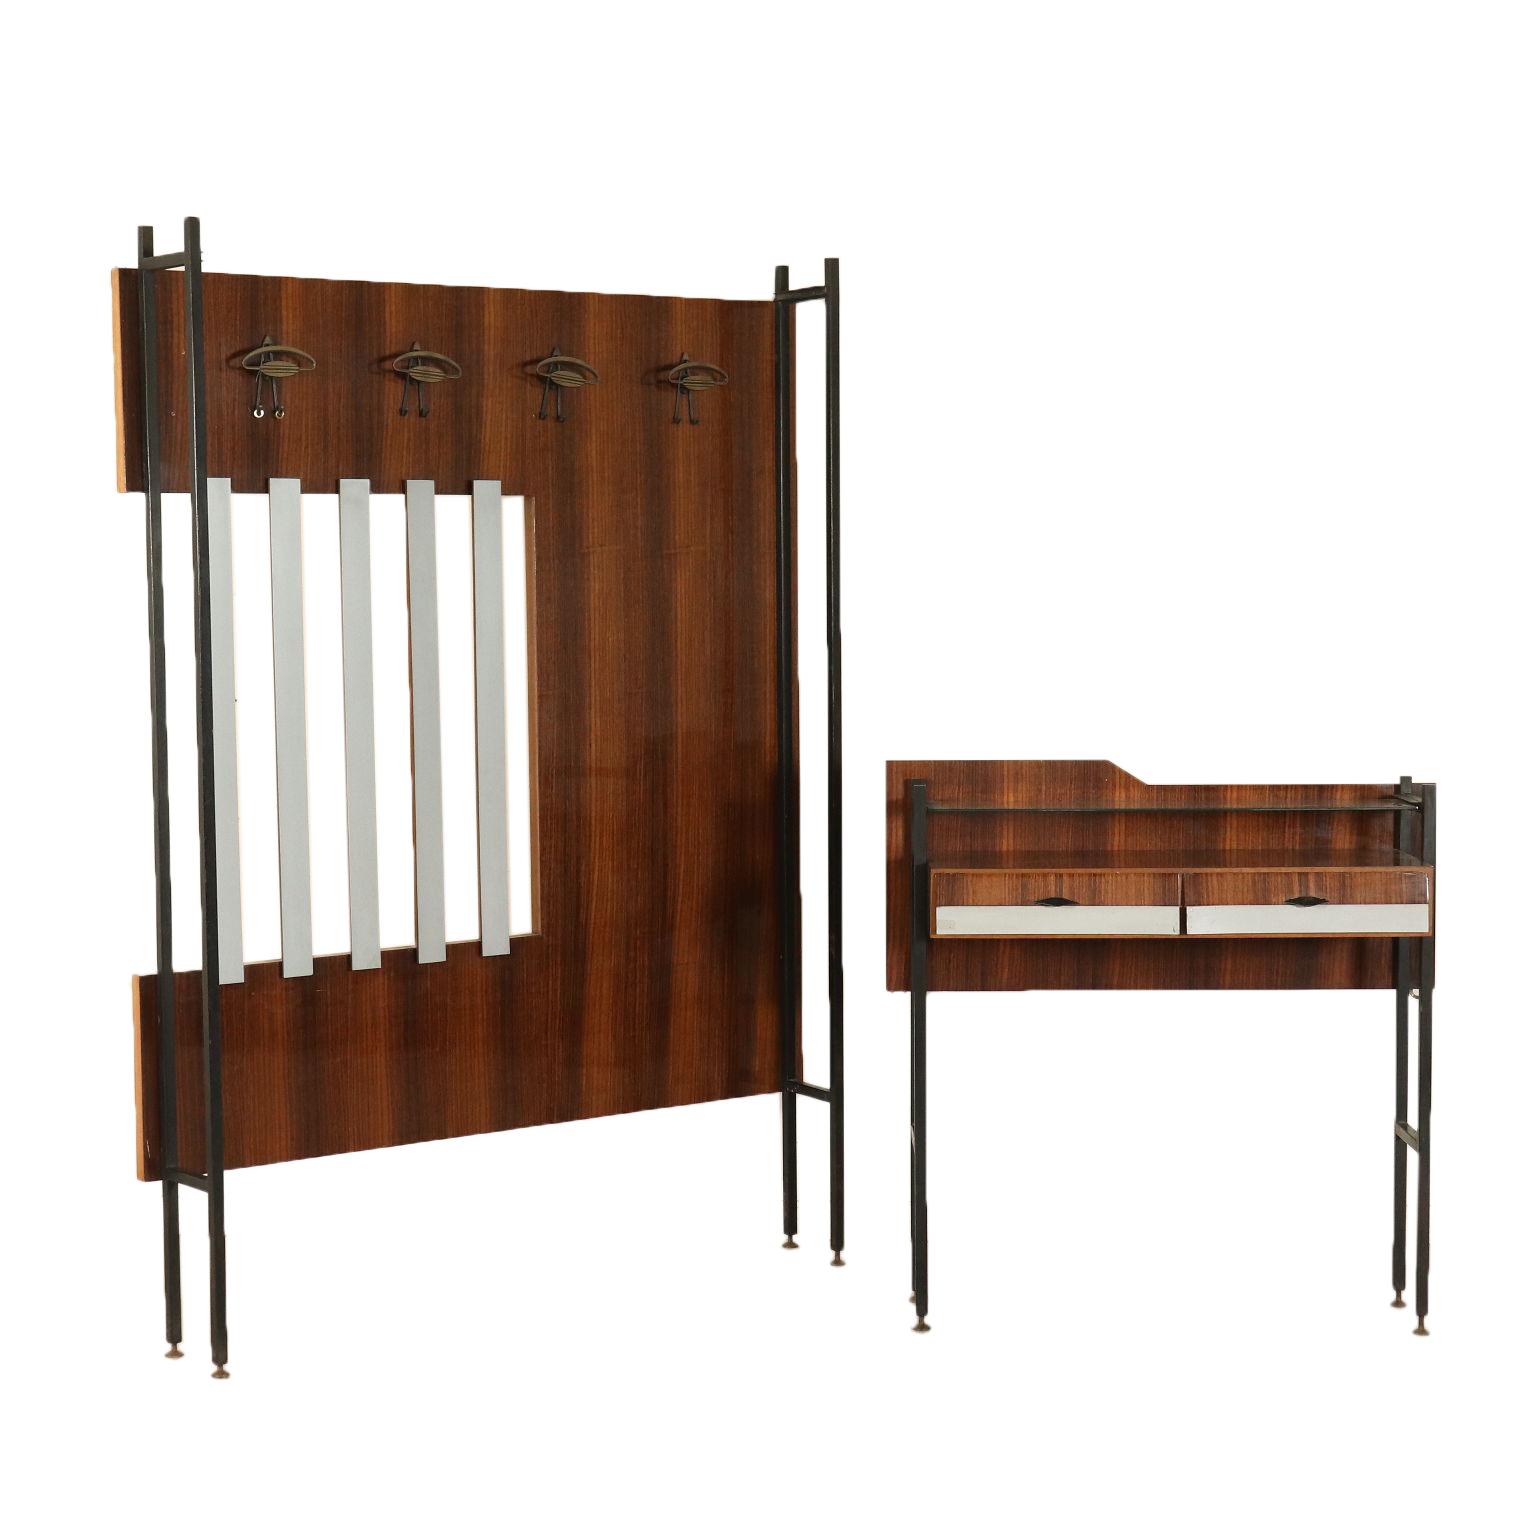 Hallway furniture rosewood veneer vintage italy 1960s